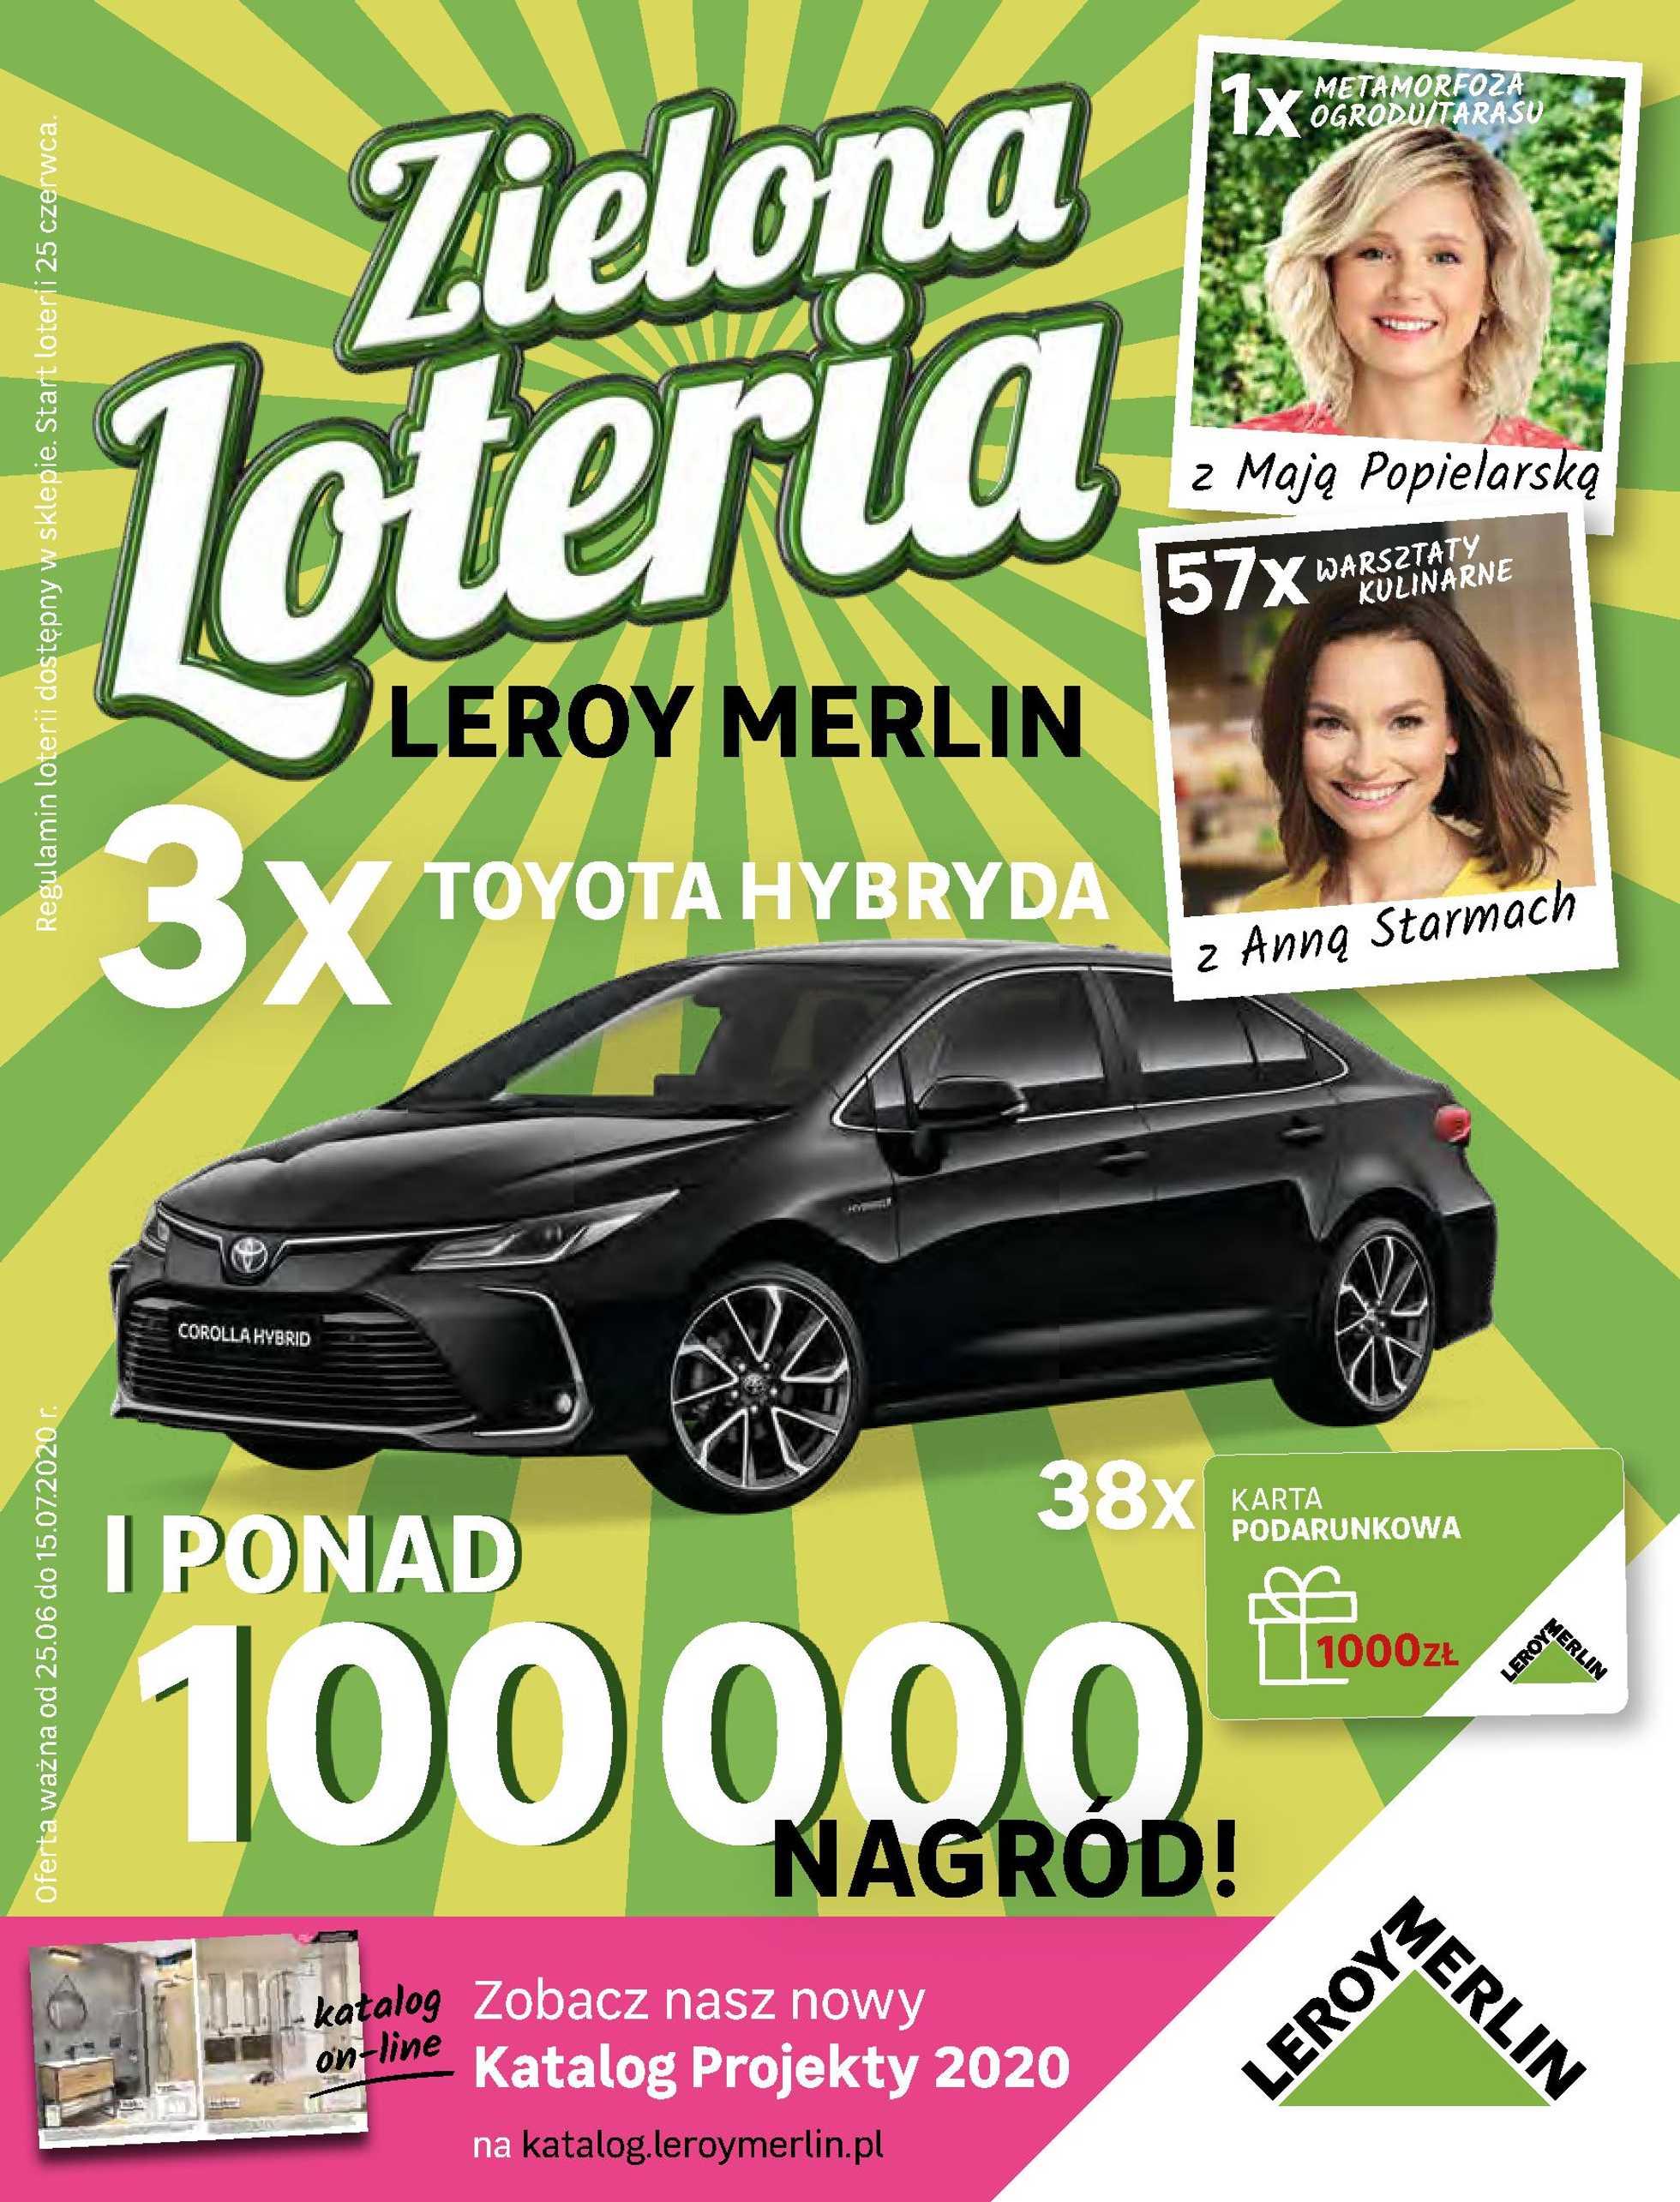 Leroy Merlin - gazetka promocyjna ważna od 25.06.2020 do 15.07.2020 - strona 1.